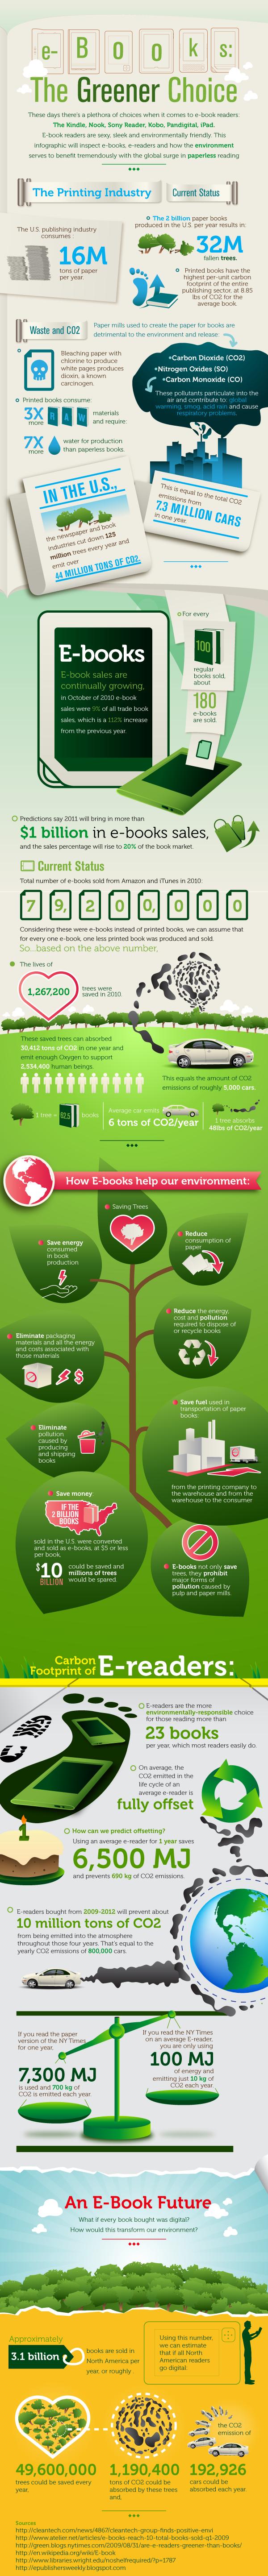 Ebooks infographic